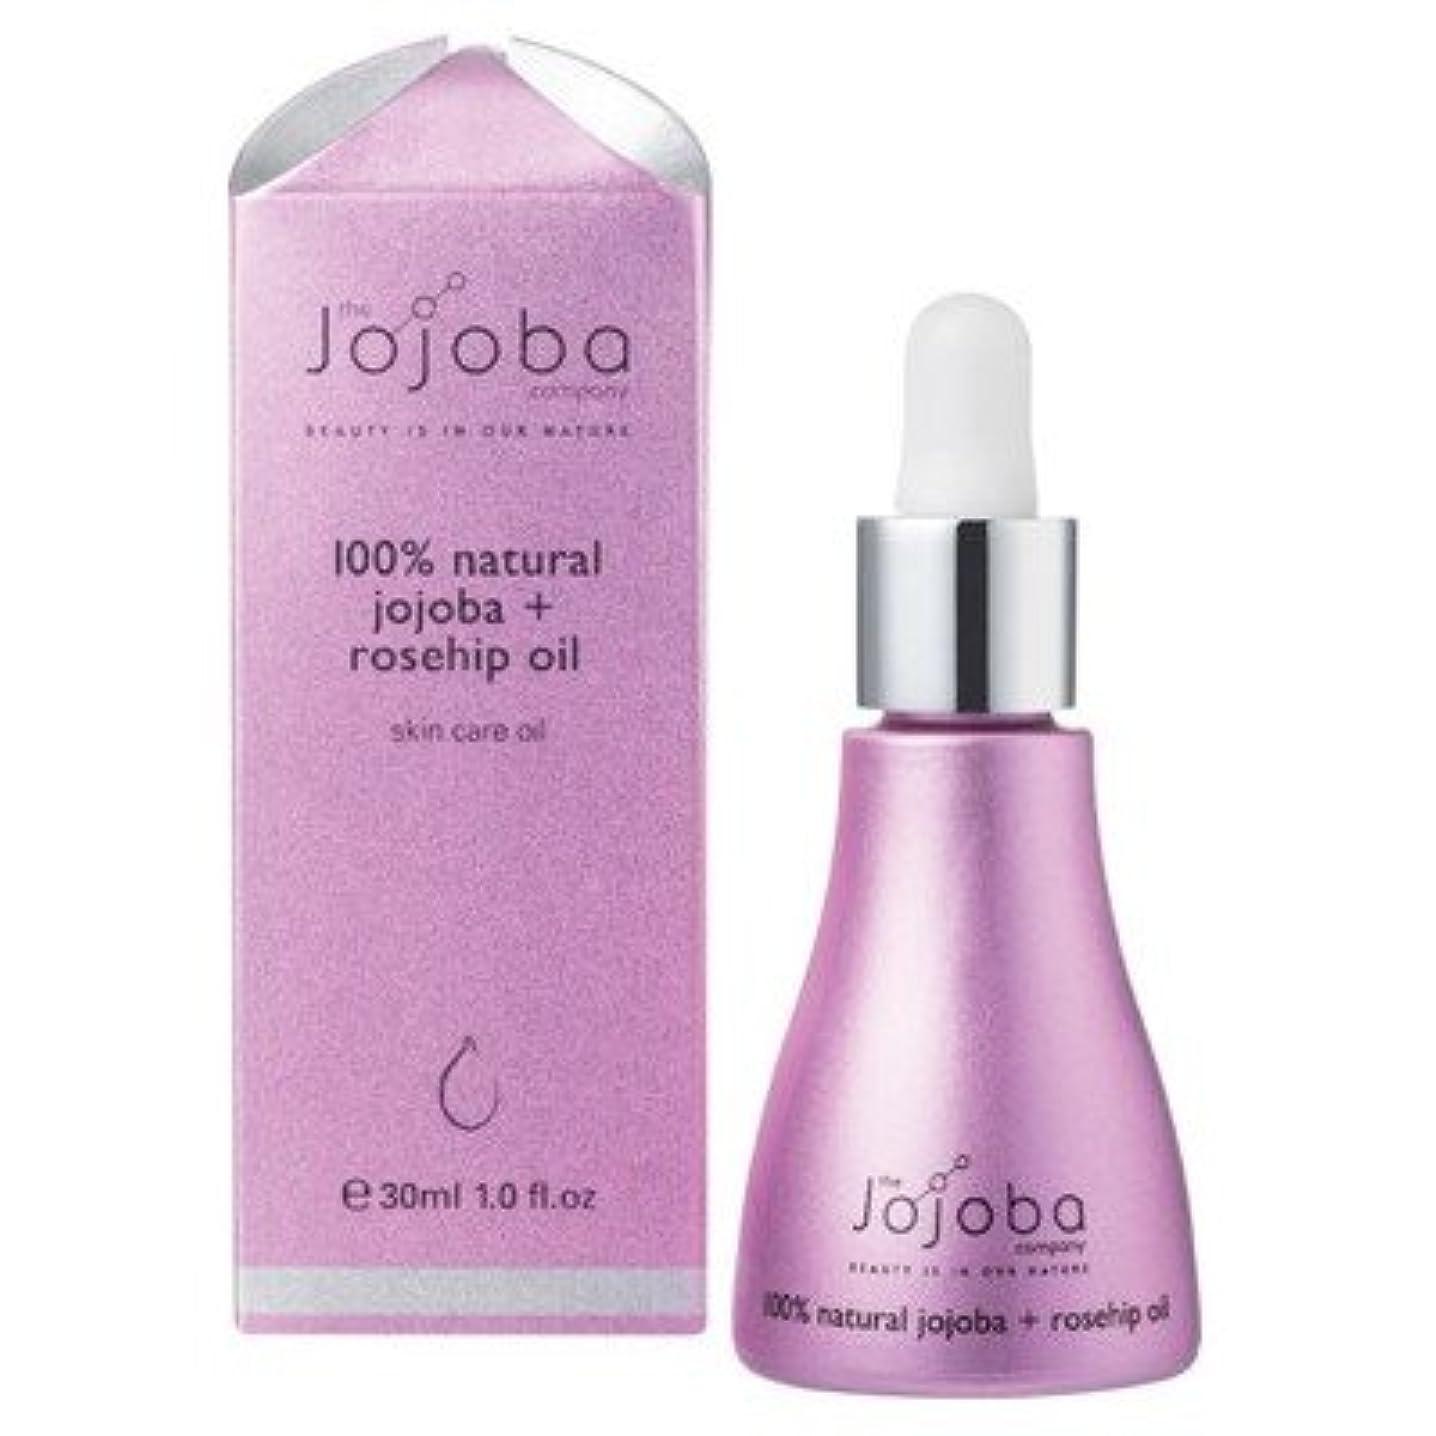 虹受賞傷跡the Jojoba Company 100% Natural Australian Jojoba Oil + Rosehip Oil ホホバ&ローズヒップブレンドオイル 30ml [海外直送品]